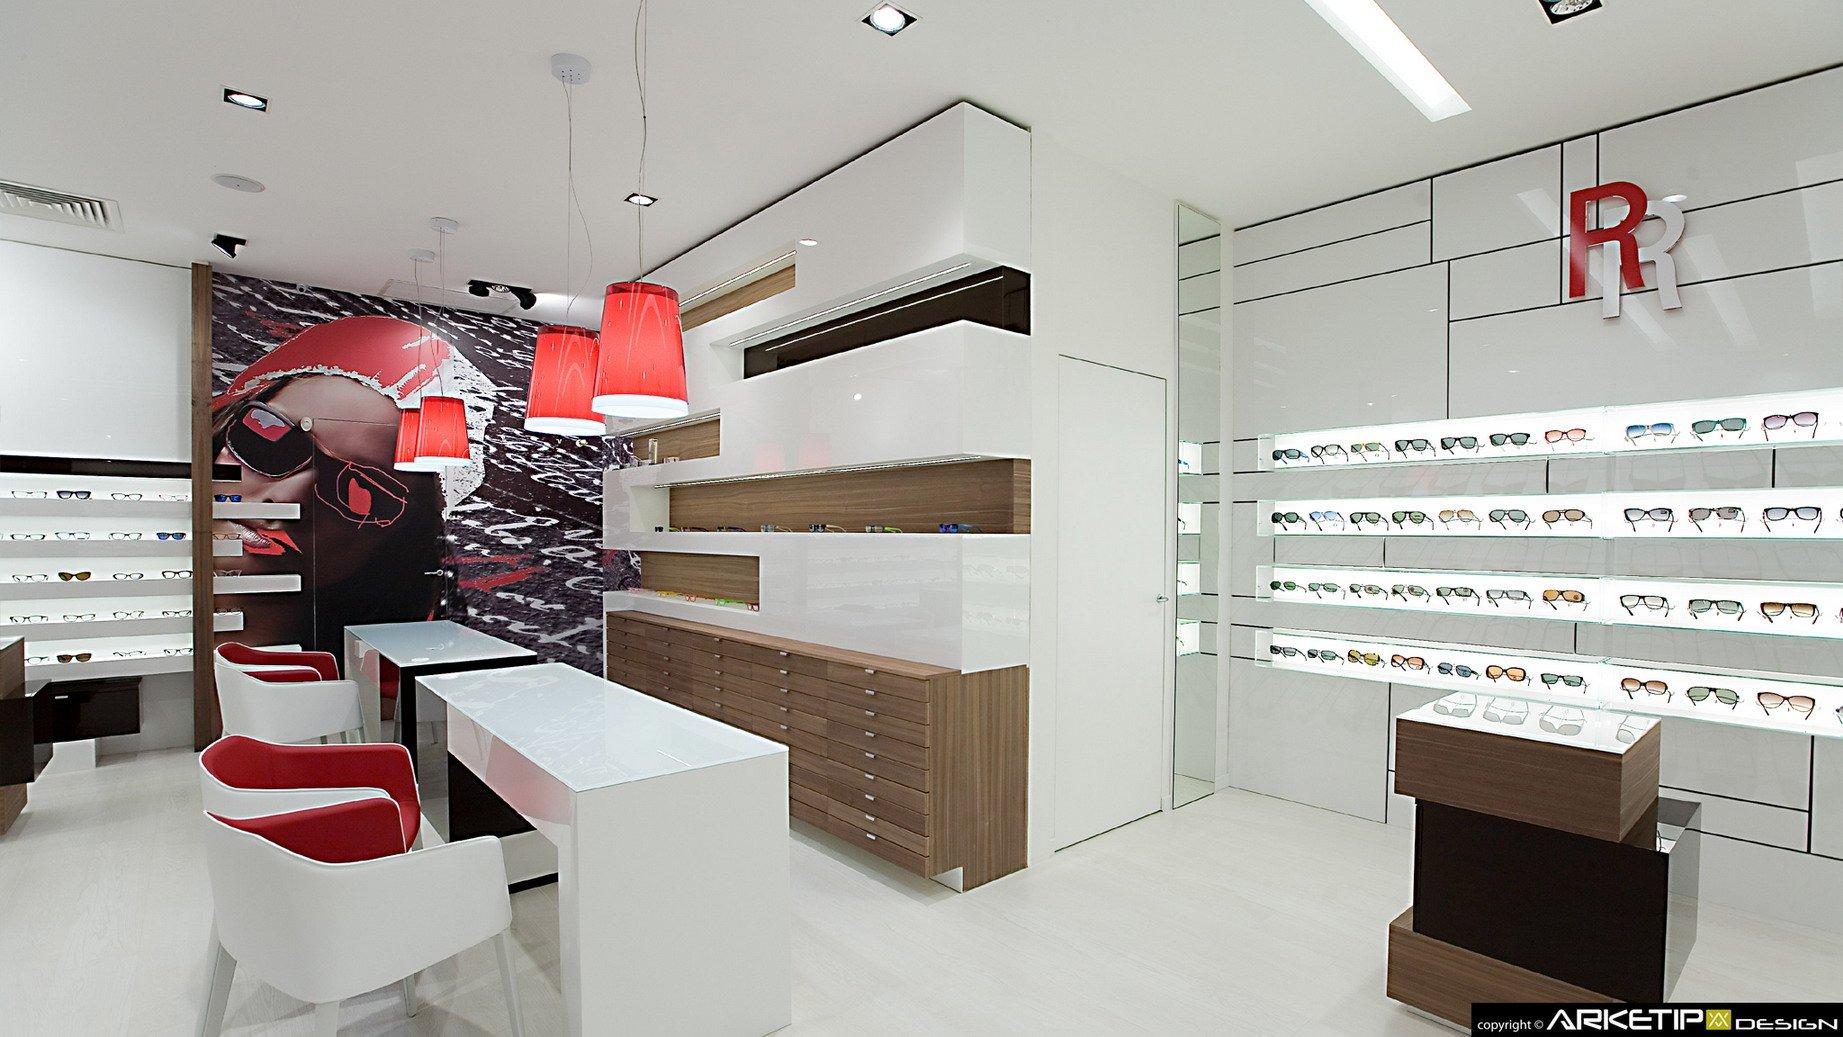 Arredamento negozi ottica milano arredo personalizzato for Arredamento negozi